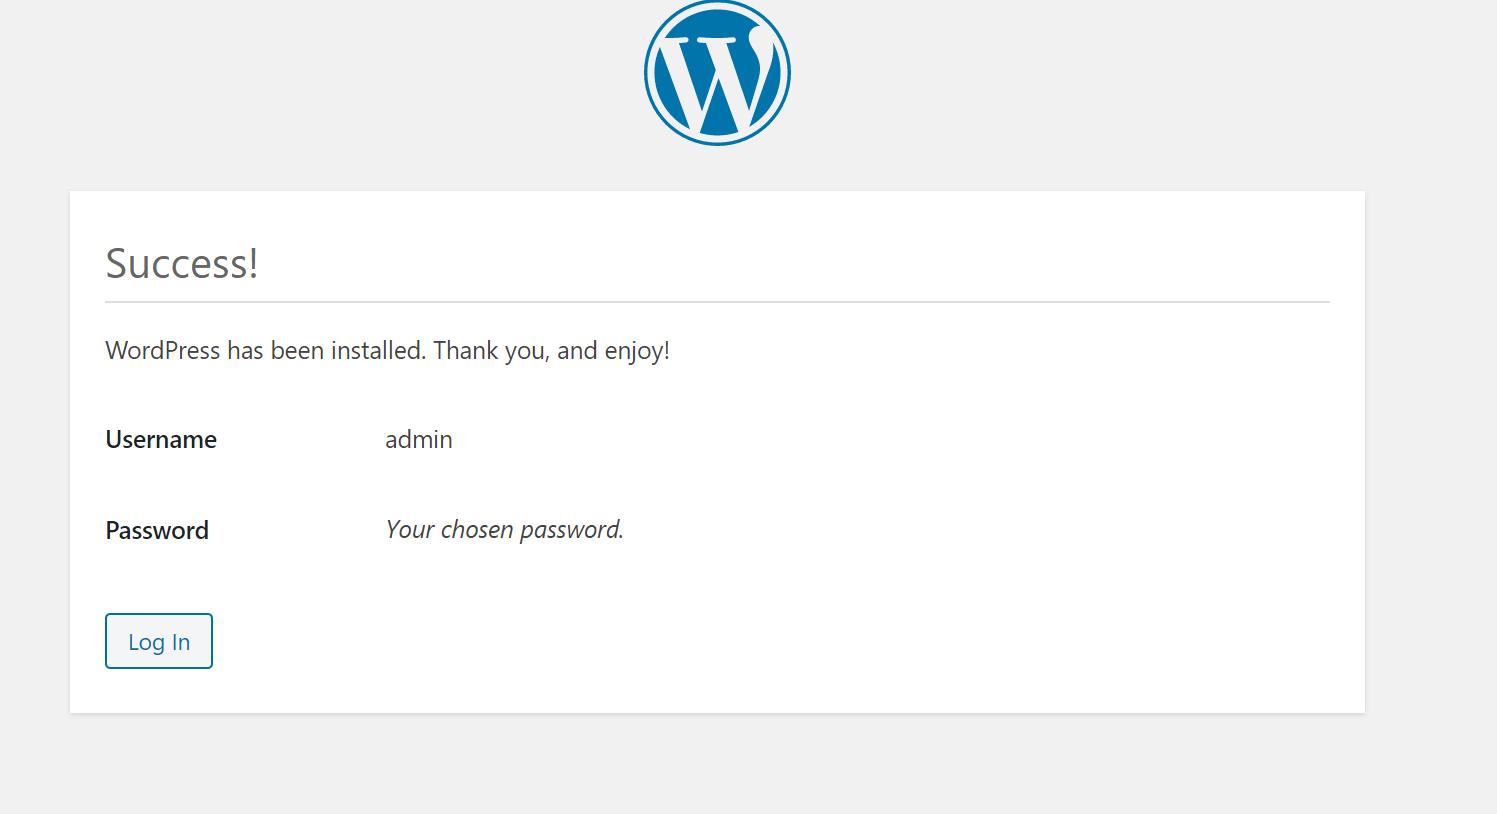 利用docker部署一个wordpress